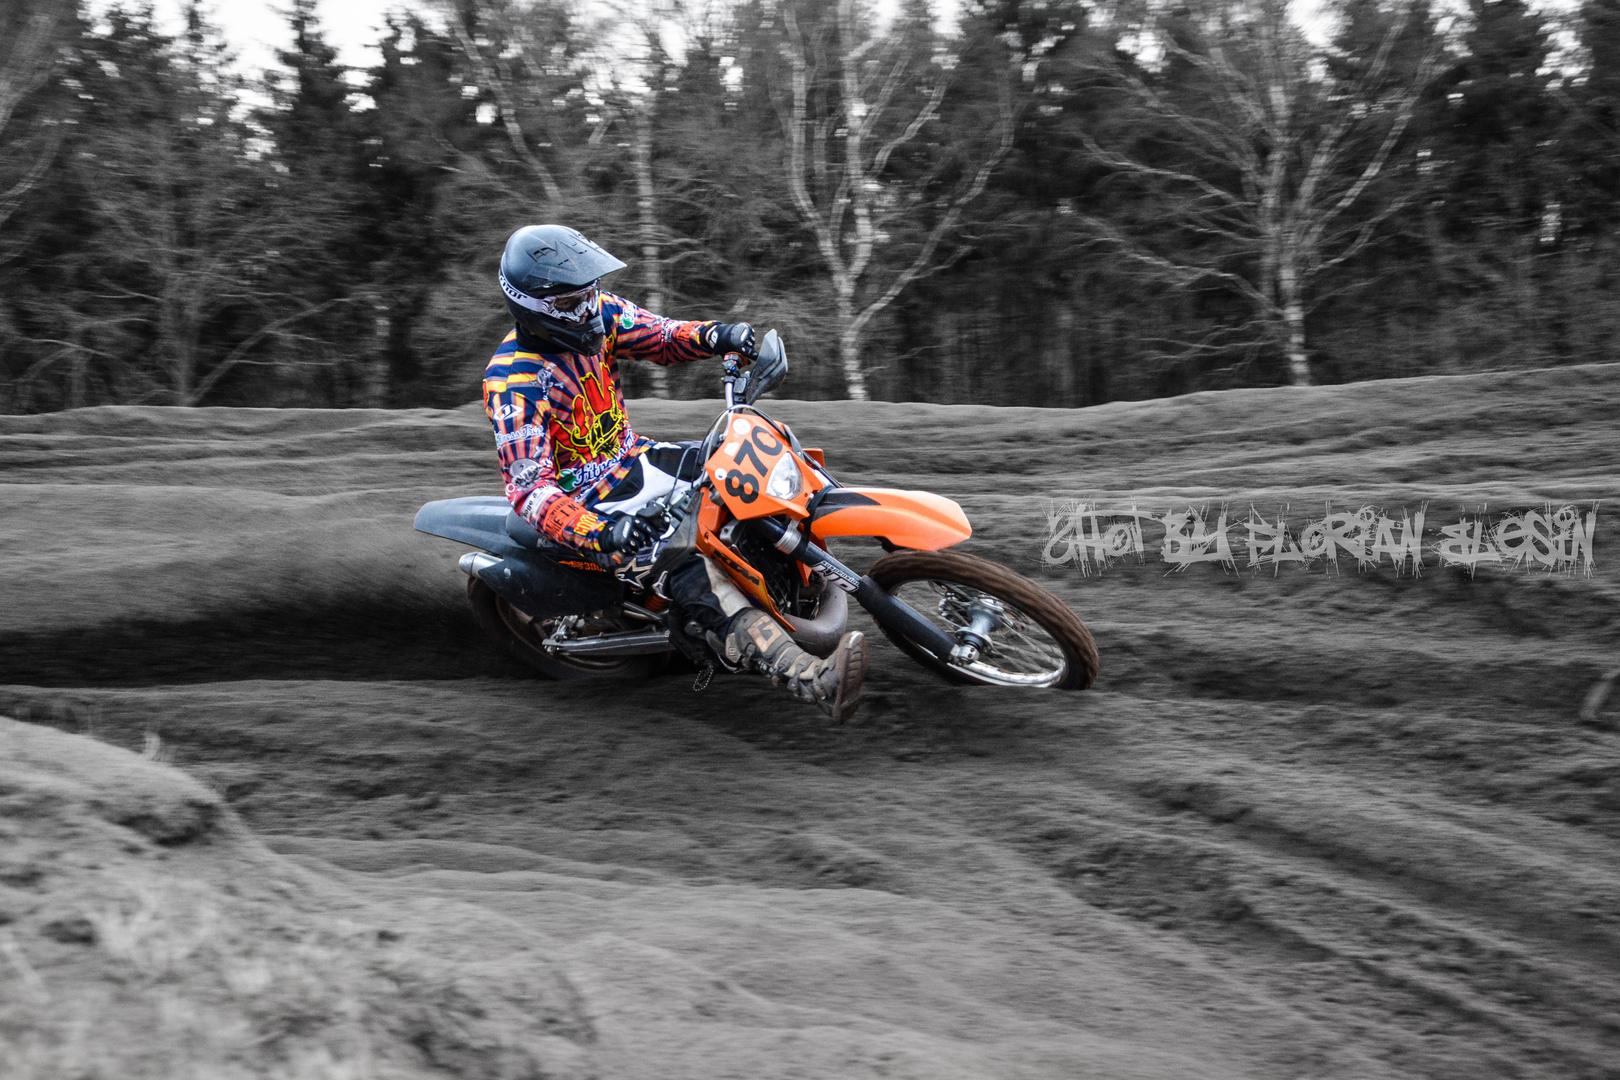 Farbkey Motocross/Enduro